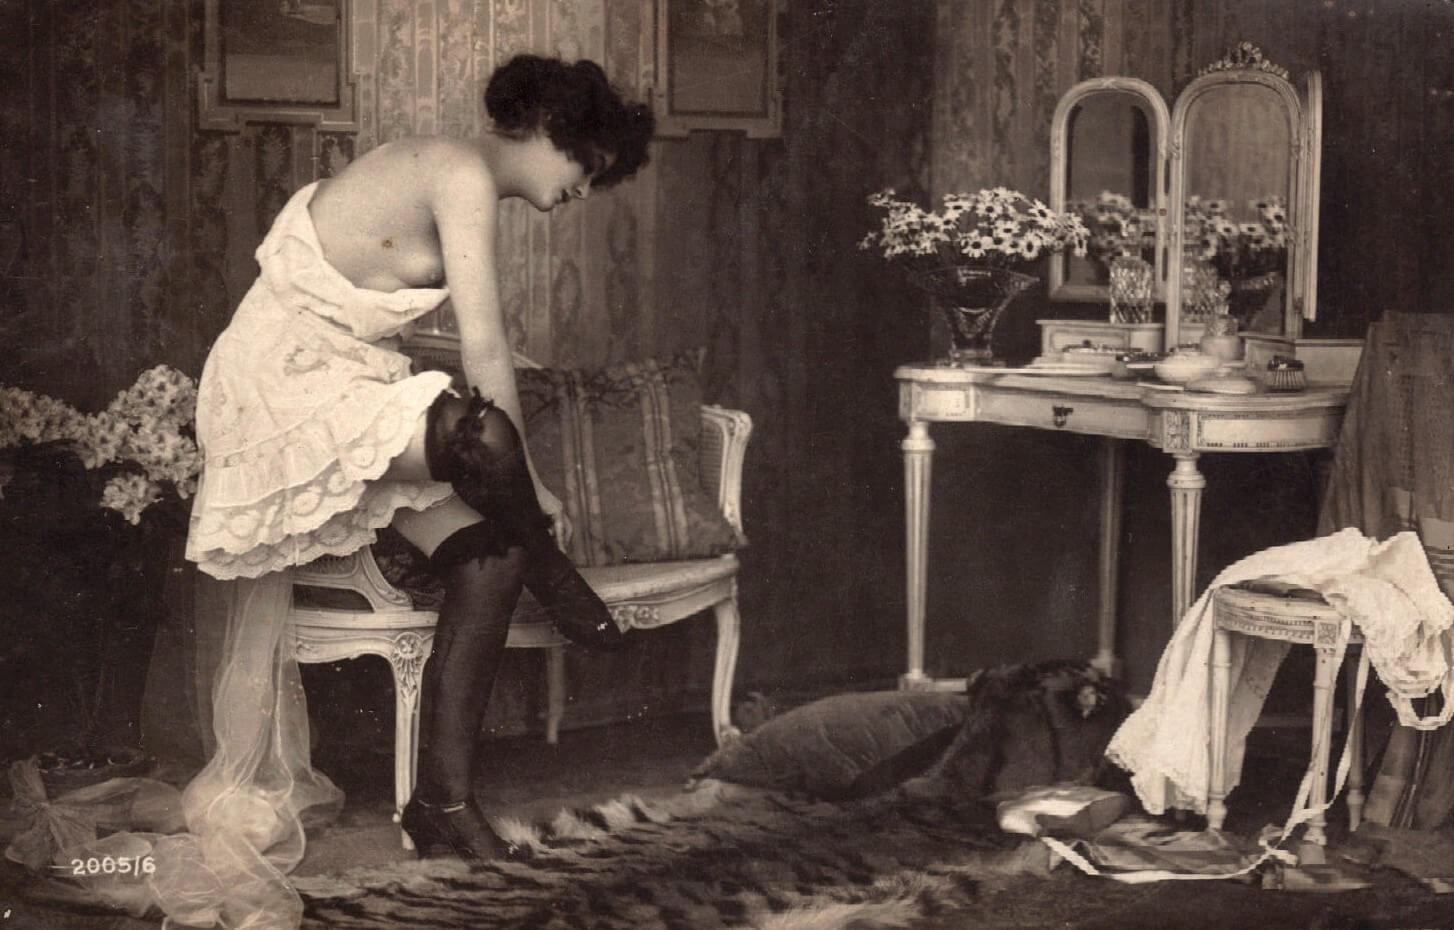 Vintage boudoir scene, via MementoMori on DeviantArt.